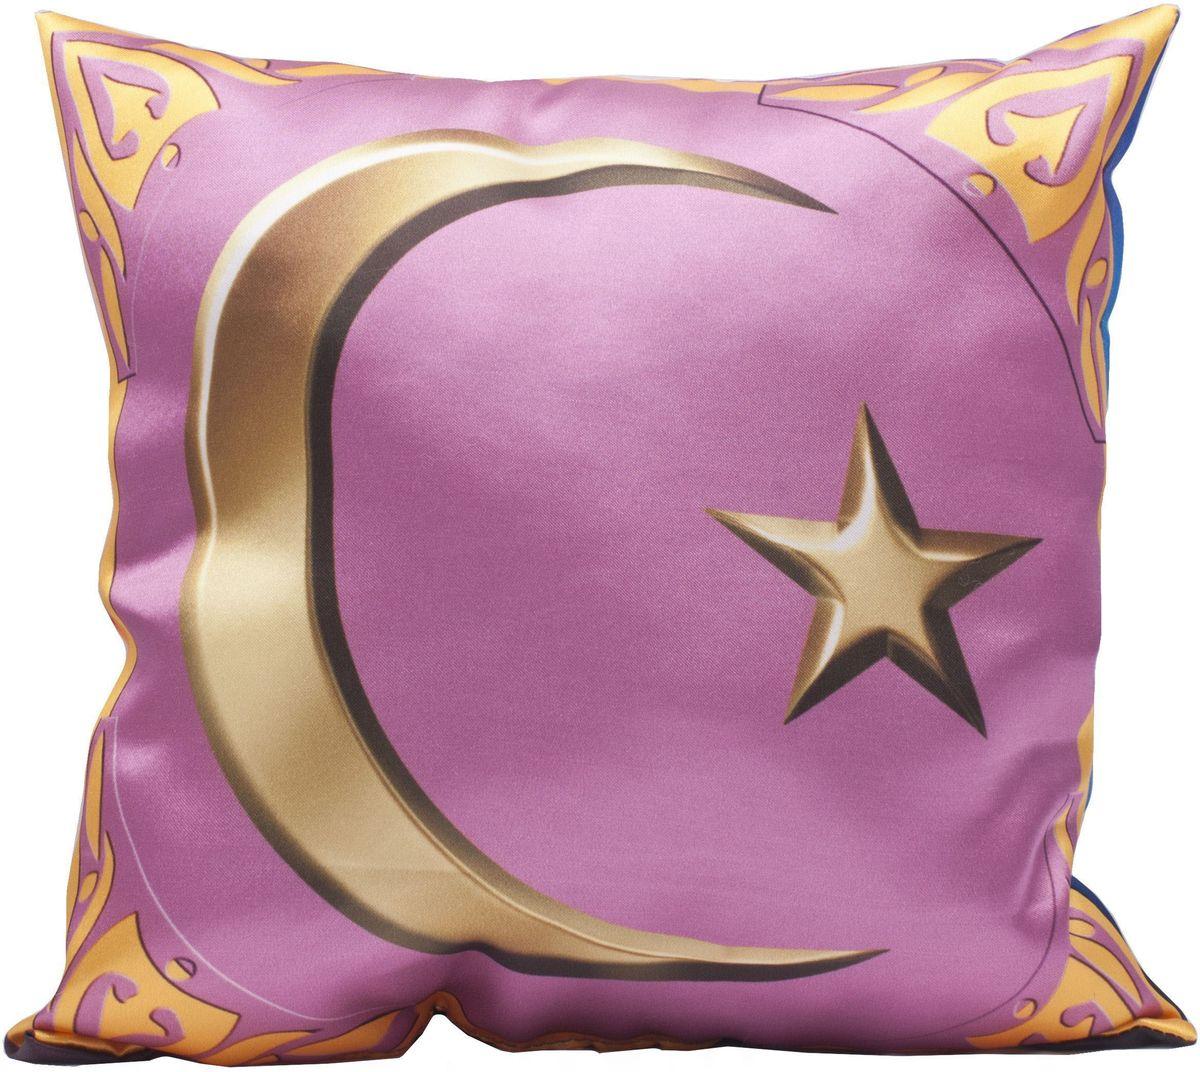 Подушка декоративная Главдор GL-529. Полумесяц с мечетью, с рисунком, 30х30 см21395599Декоративные подушки c апликацией в салон автомобиля.